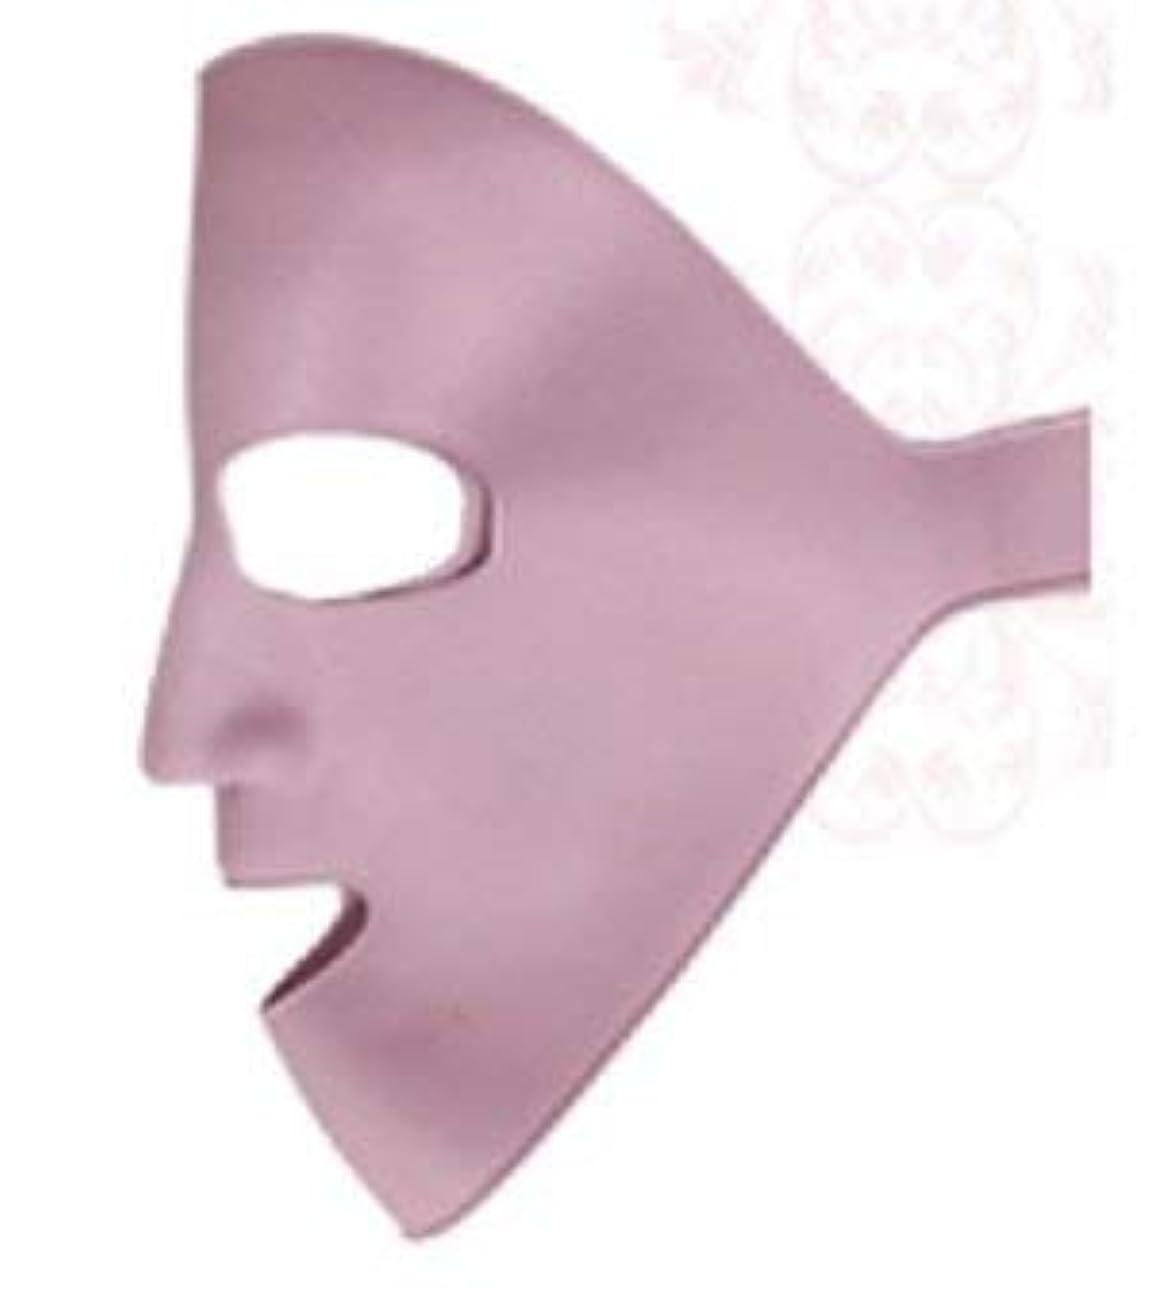 ドアシーケンス郵便屋さんAPHROS(アフロス) フェイスマスク (ピンク)